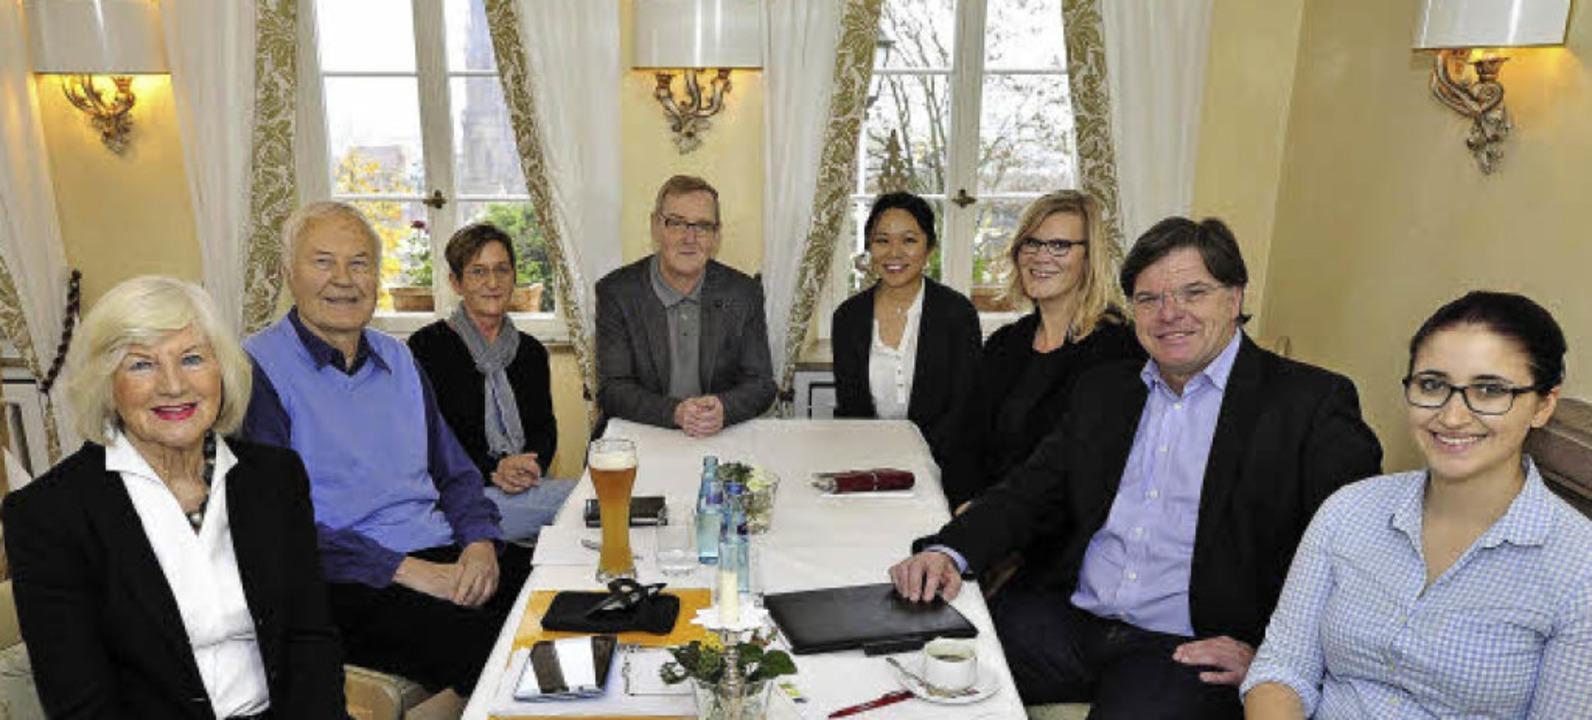 Der Stammtisch der Freiburg-Madison-Ge...findet im Greiffeneggschlössle statt.   | Foto: Thomas Kunz